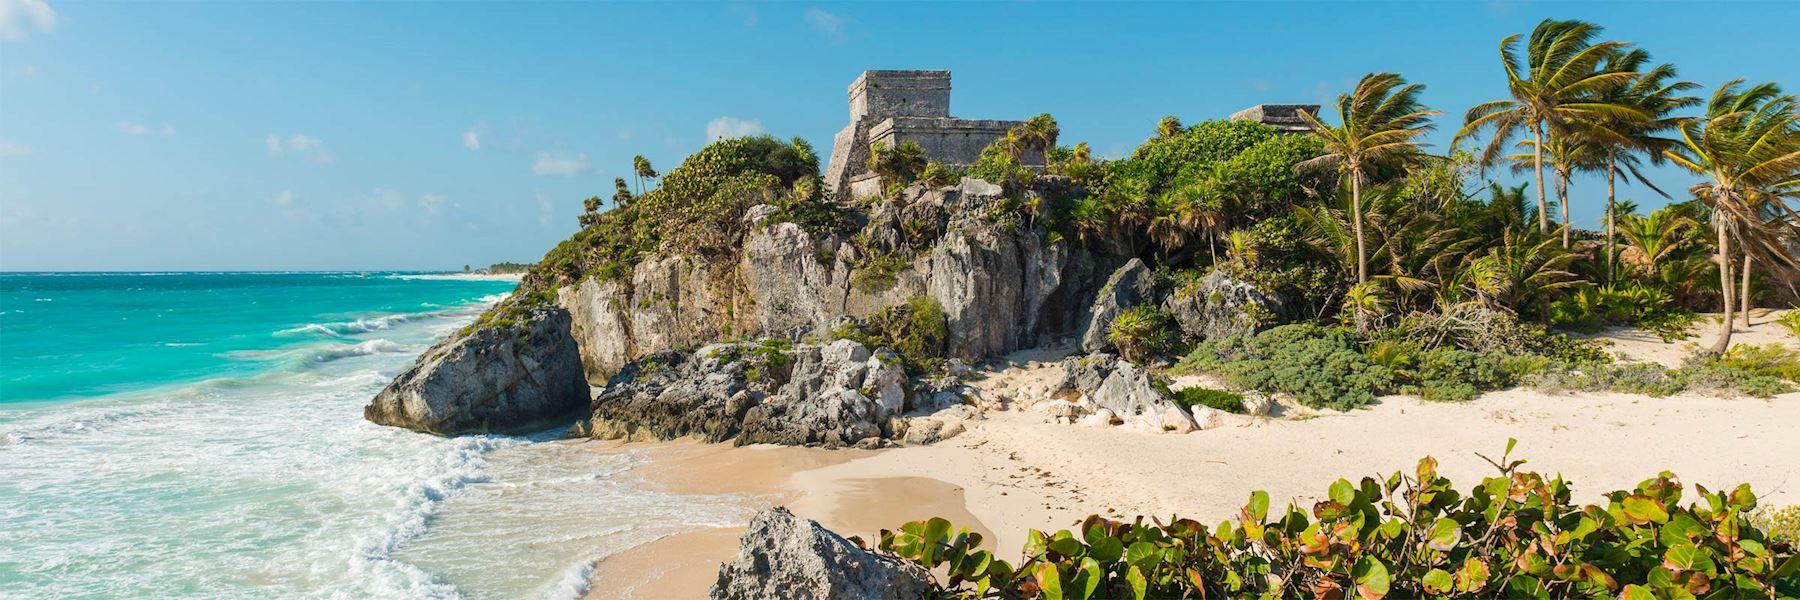 Visit the Mayan Riviera, Mexico